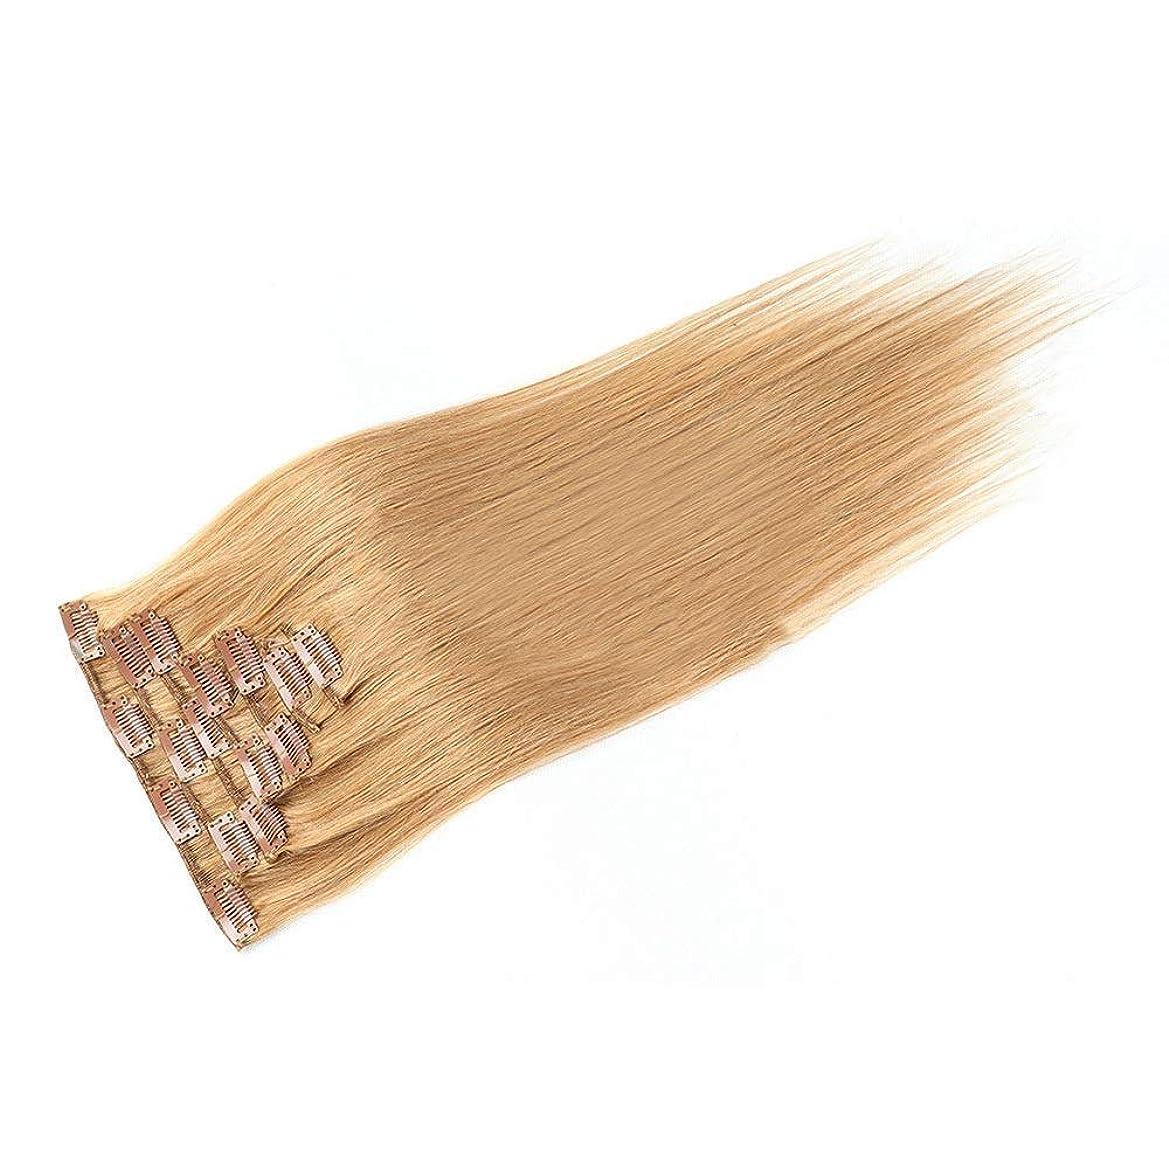 欲しいですアライアンスケントVergeania 20インチ人毛エクステンションクリップイン - ダブル横糸ストレートヘア - 100%レミーヘア7個フルヘッド(20